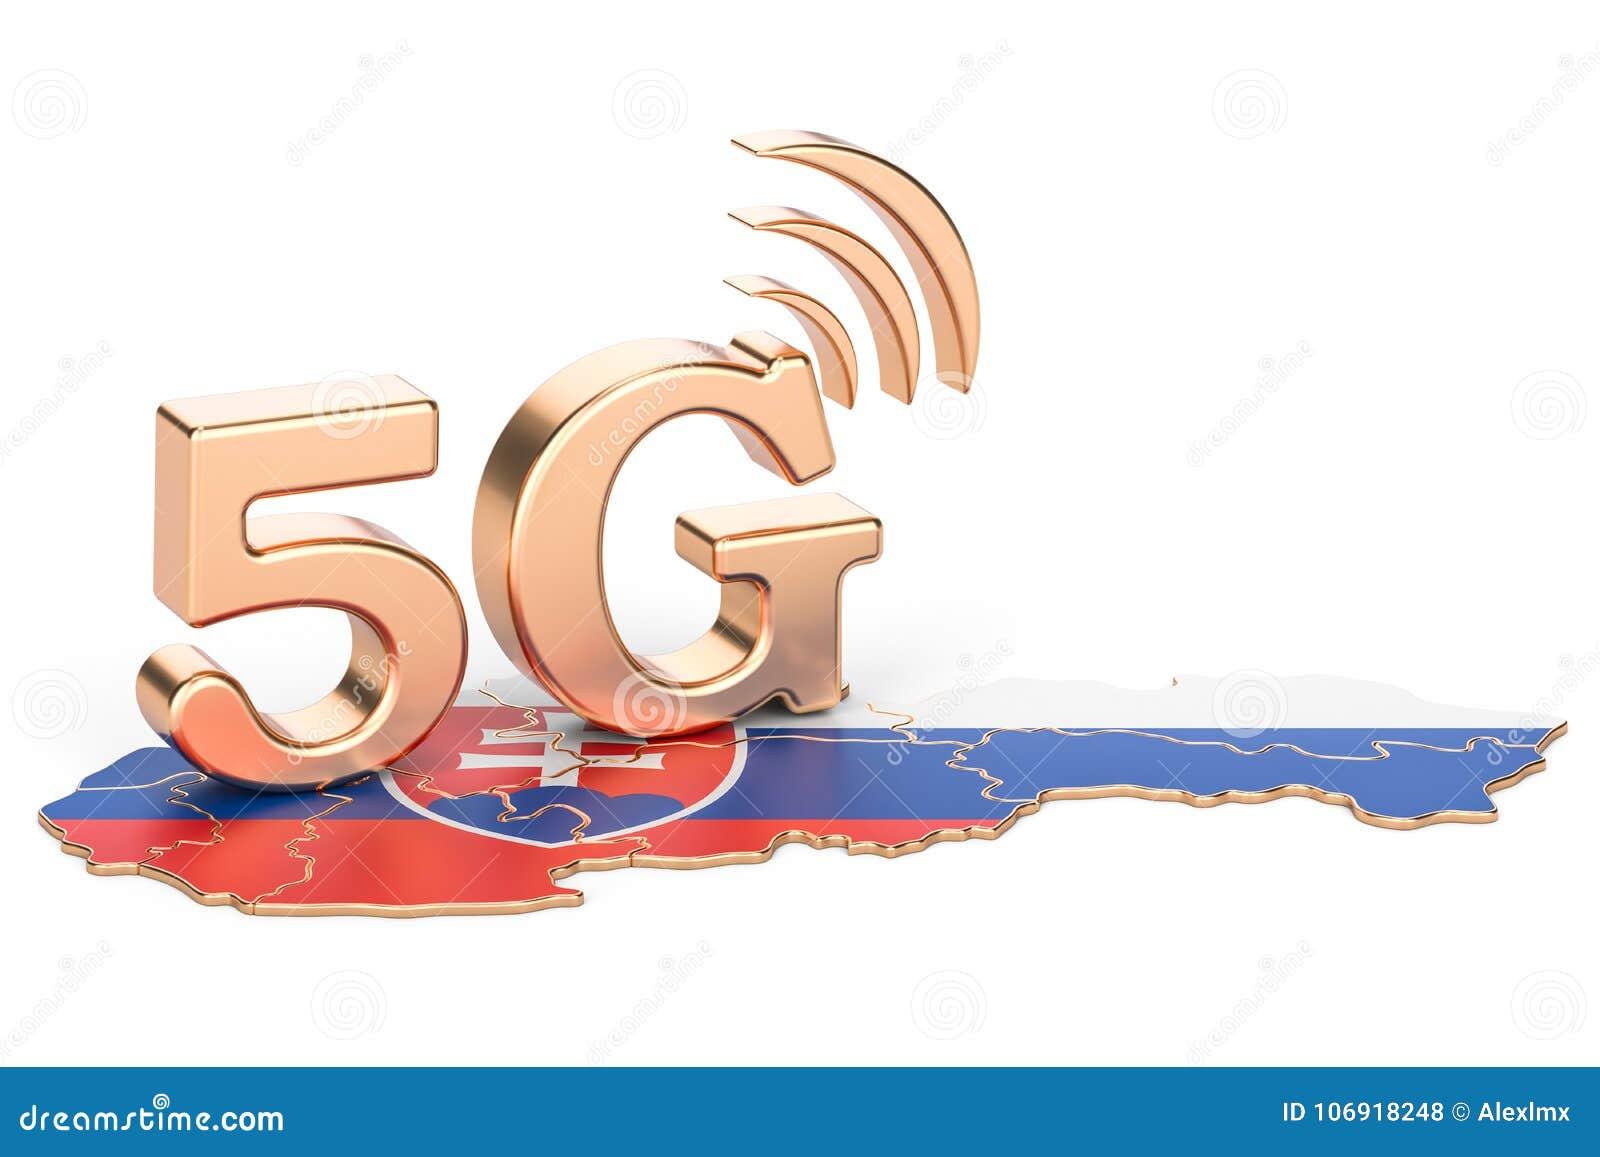 5G w Sistani pojęciu, 3D rendering